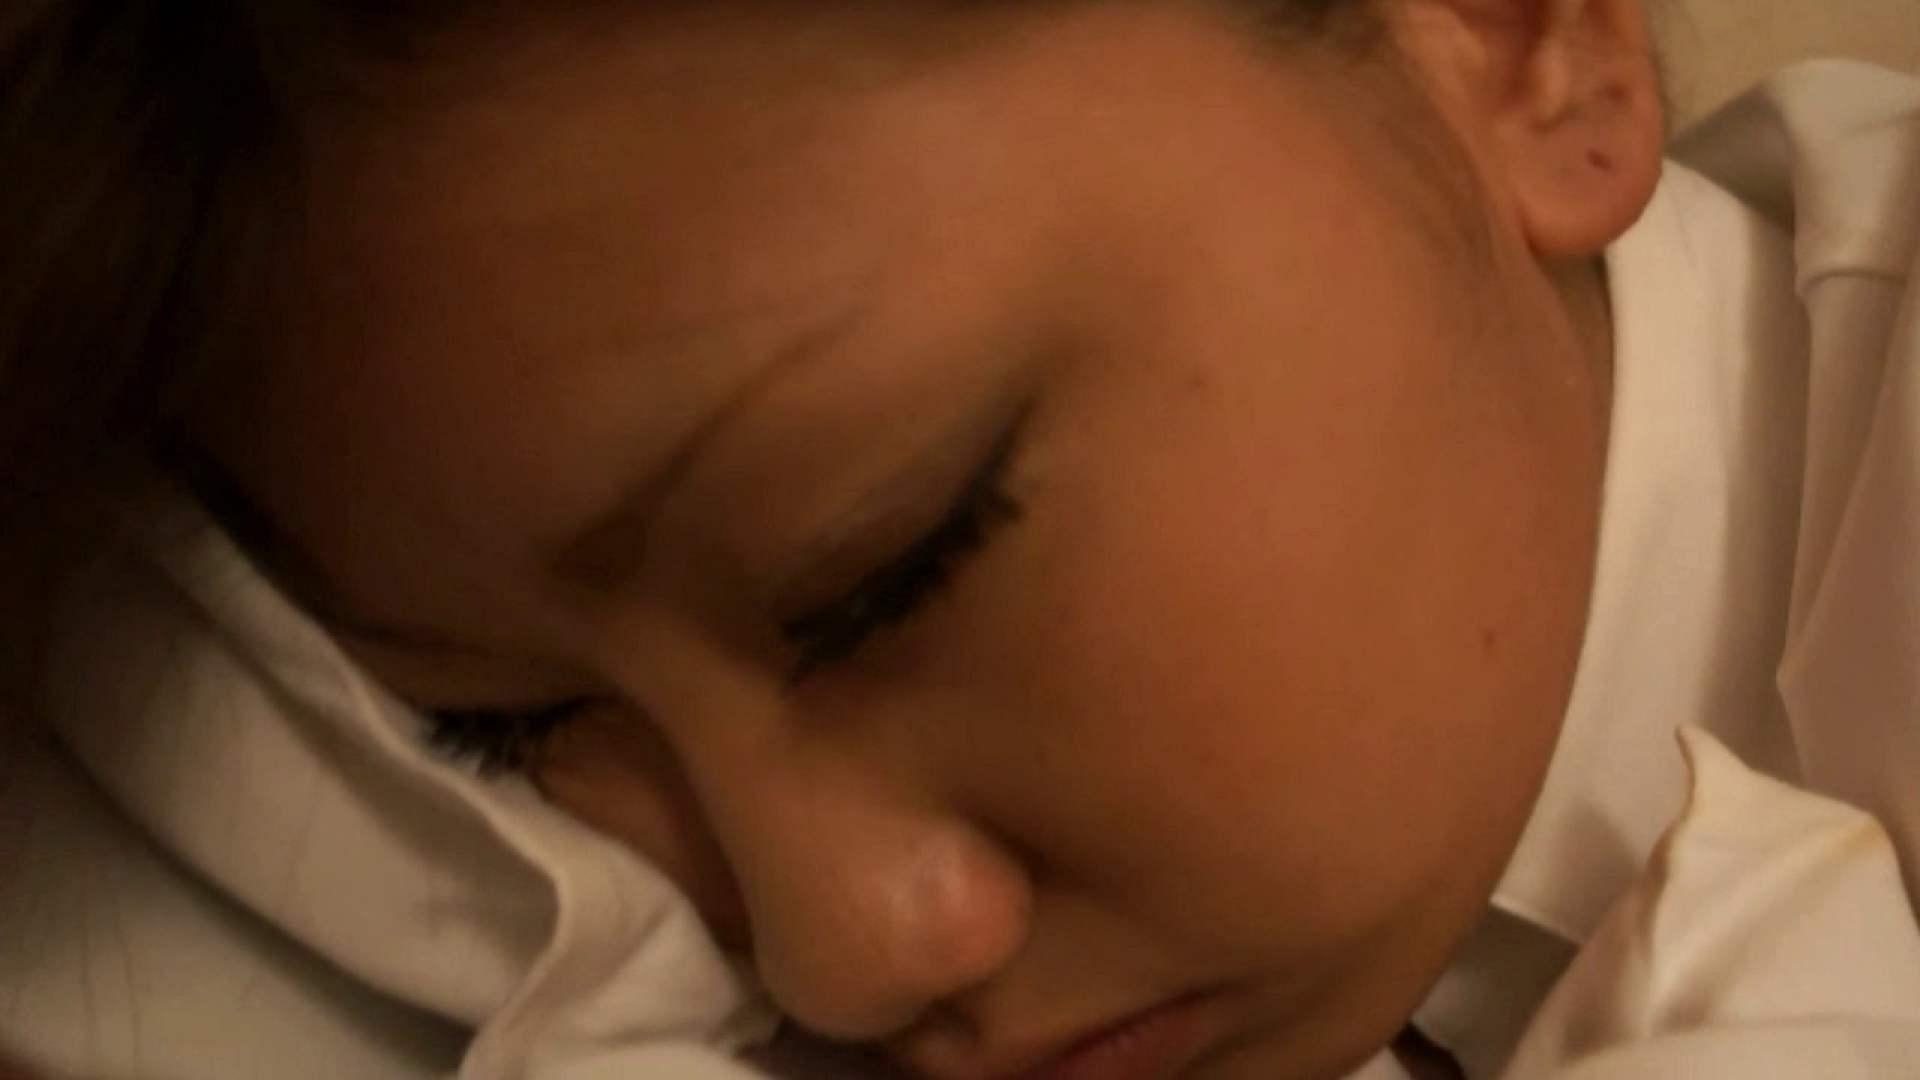 vol.8 【Mちゃん(2回目)】ブランド品査定士19歳 花子とも仲良し イタズラ | パンチラ  102画像 49